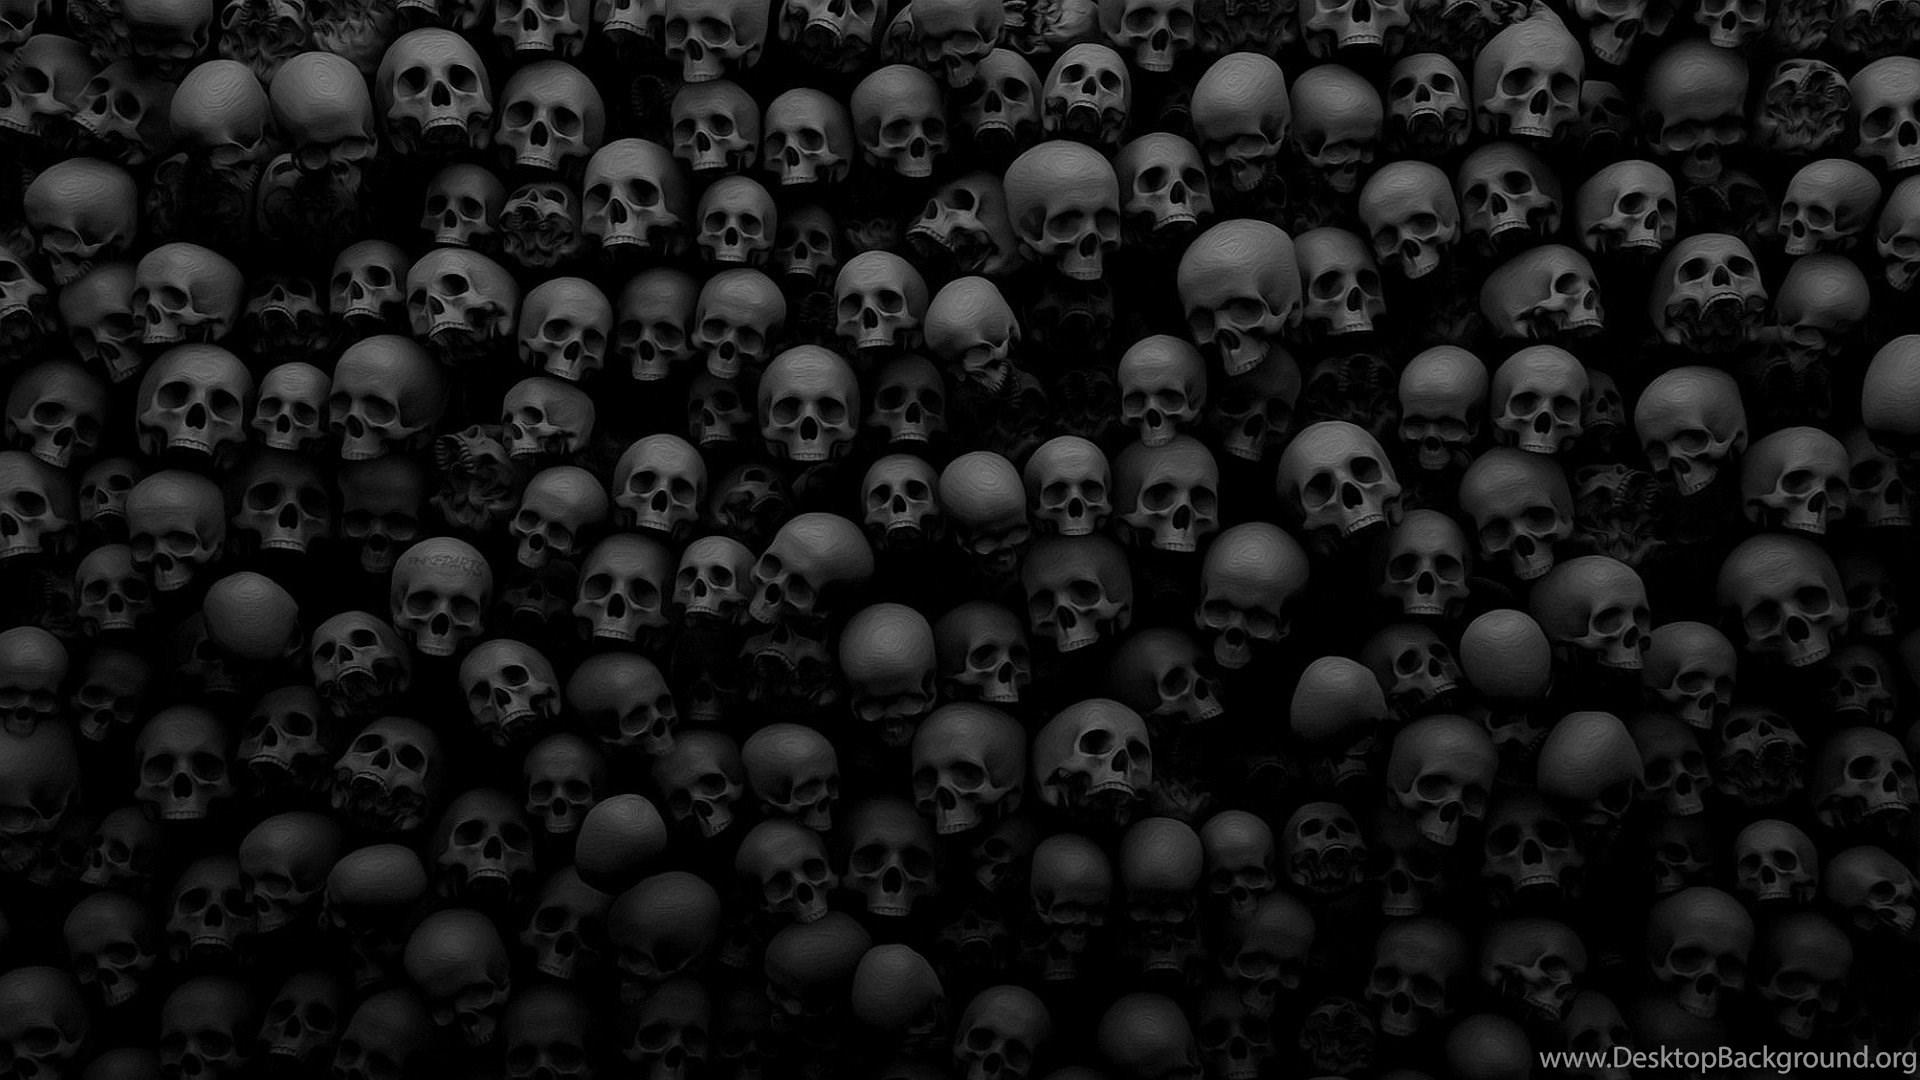 Skull black skulls 3d many wallpaper skull hd wallpaper - Skull 4k images ...